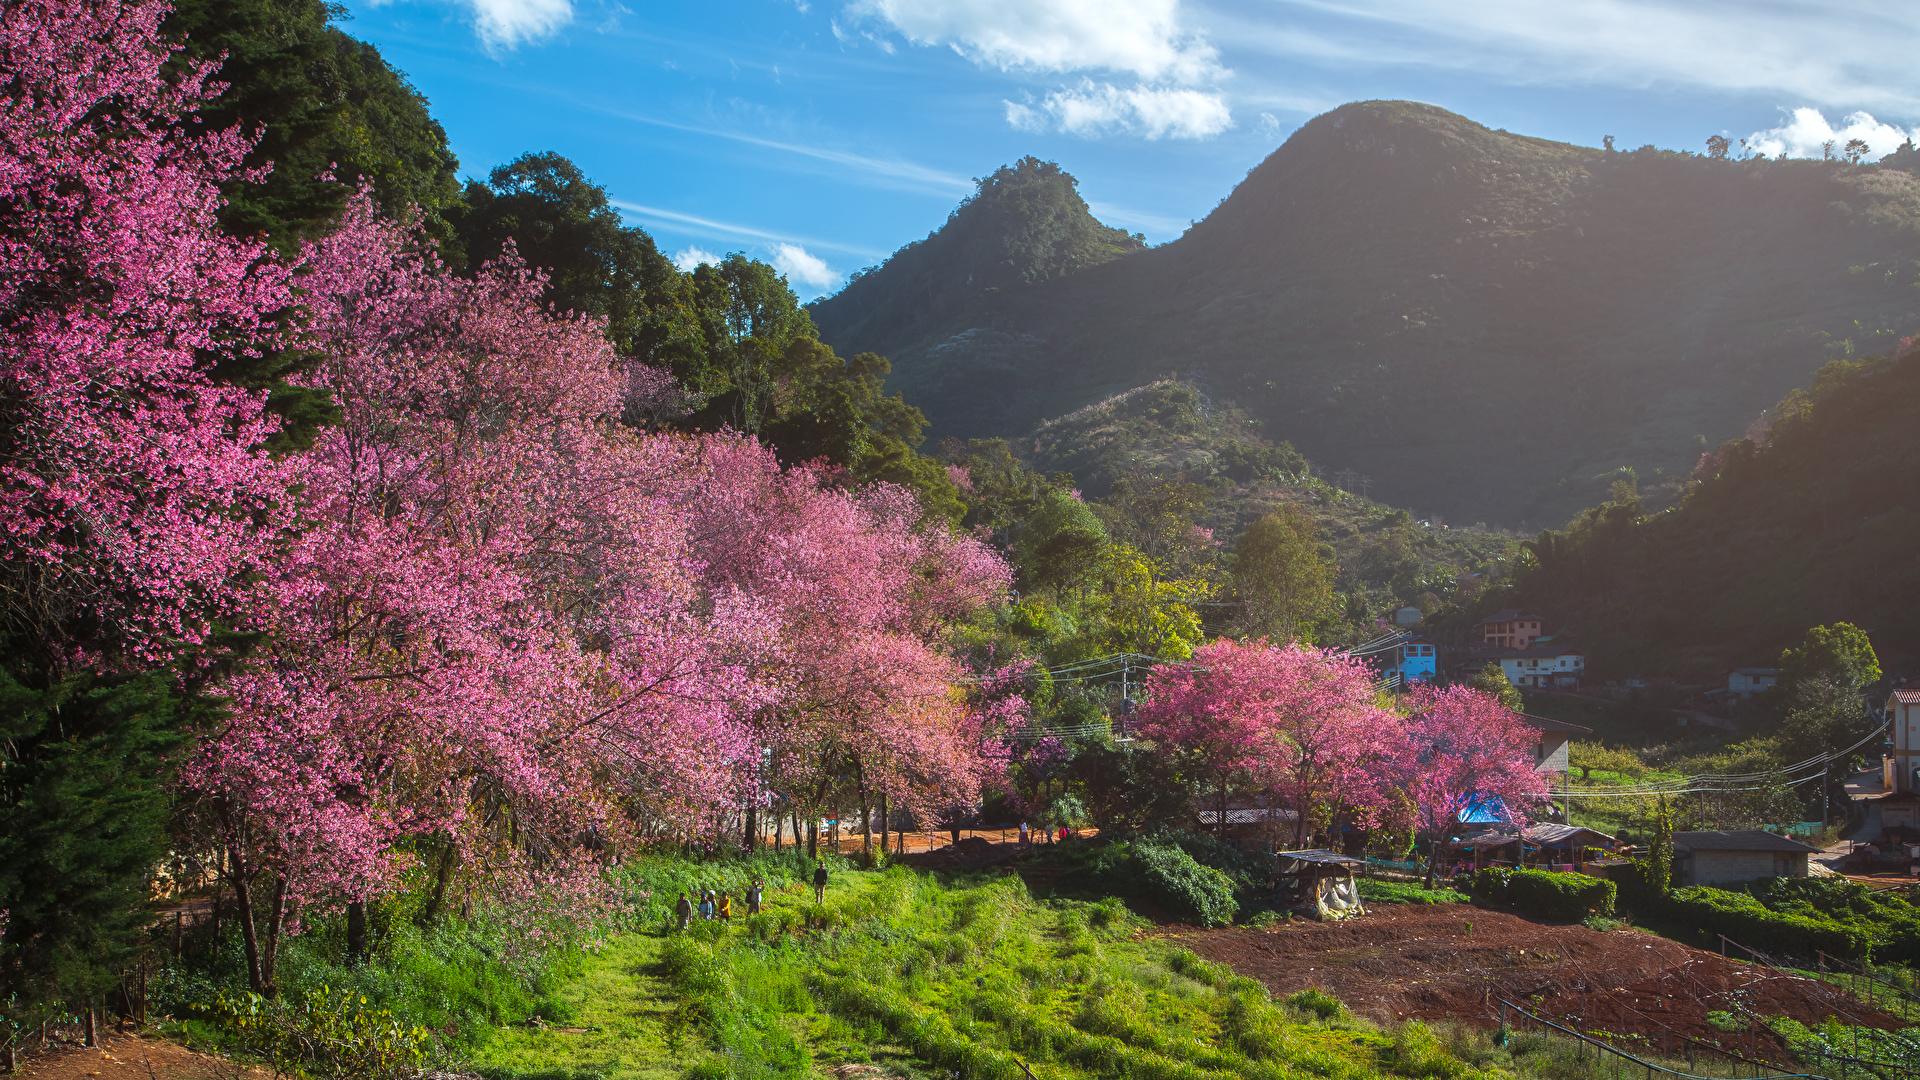 Картинка Таиланд Fang City Горы Природа весенние Поля Цветущие деревья 1920x1080 Весна